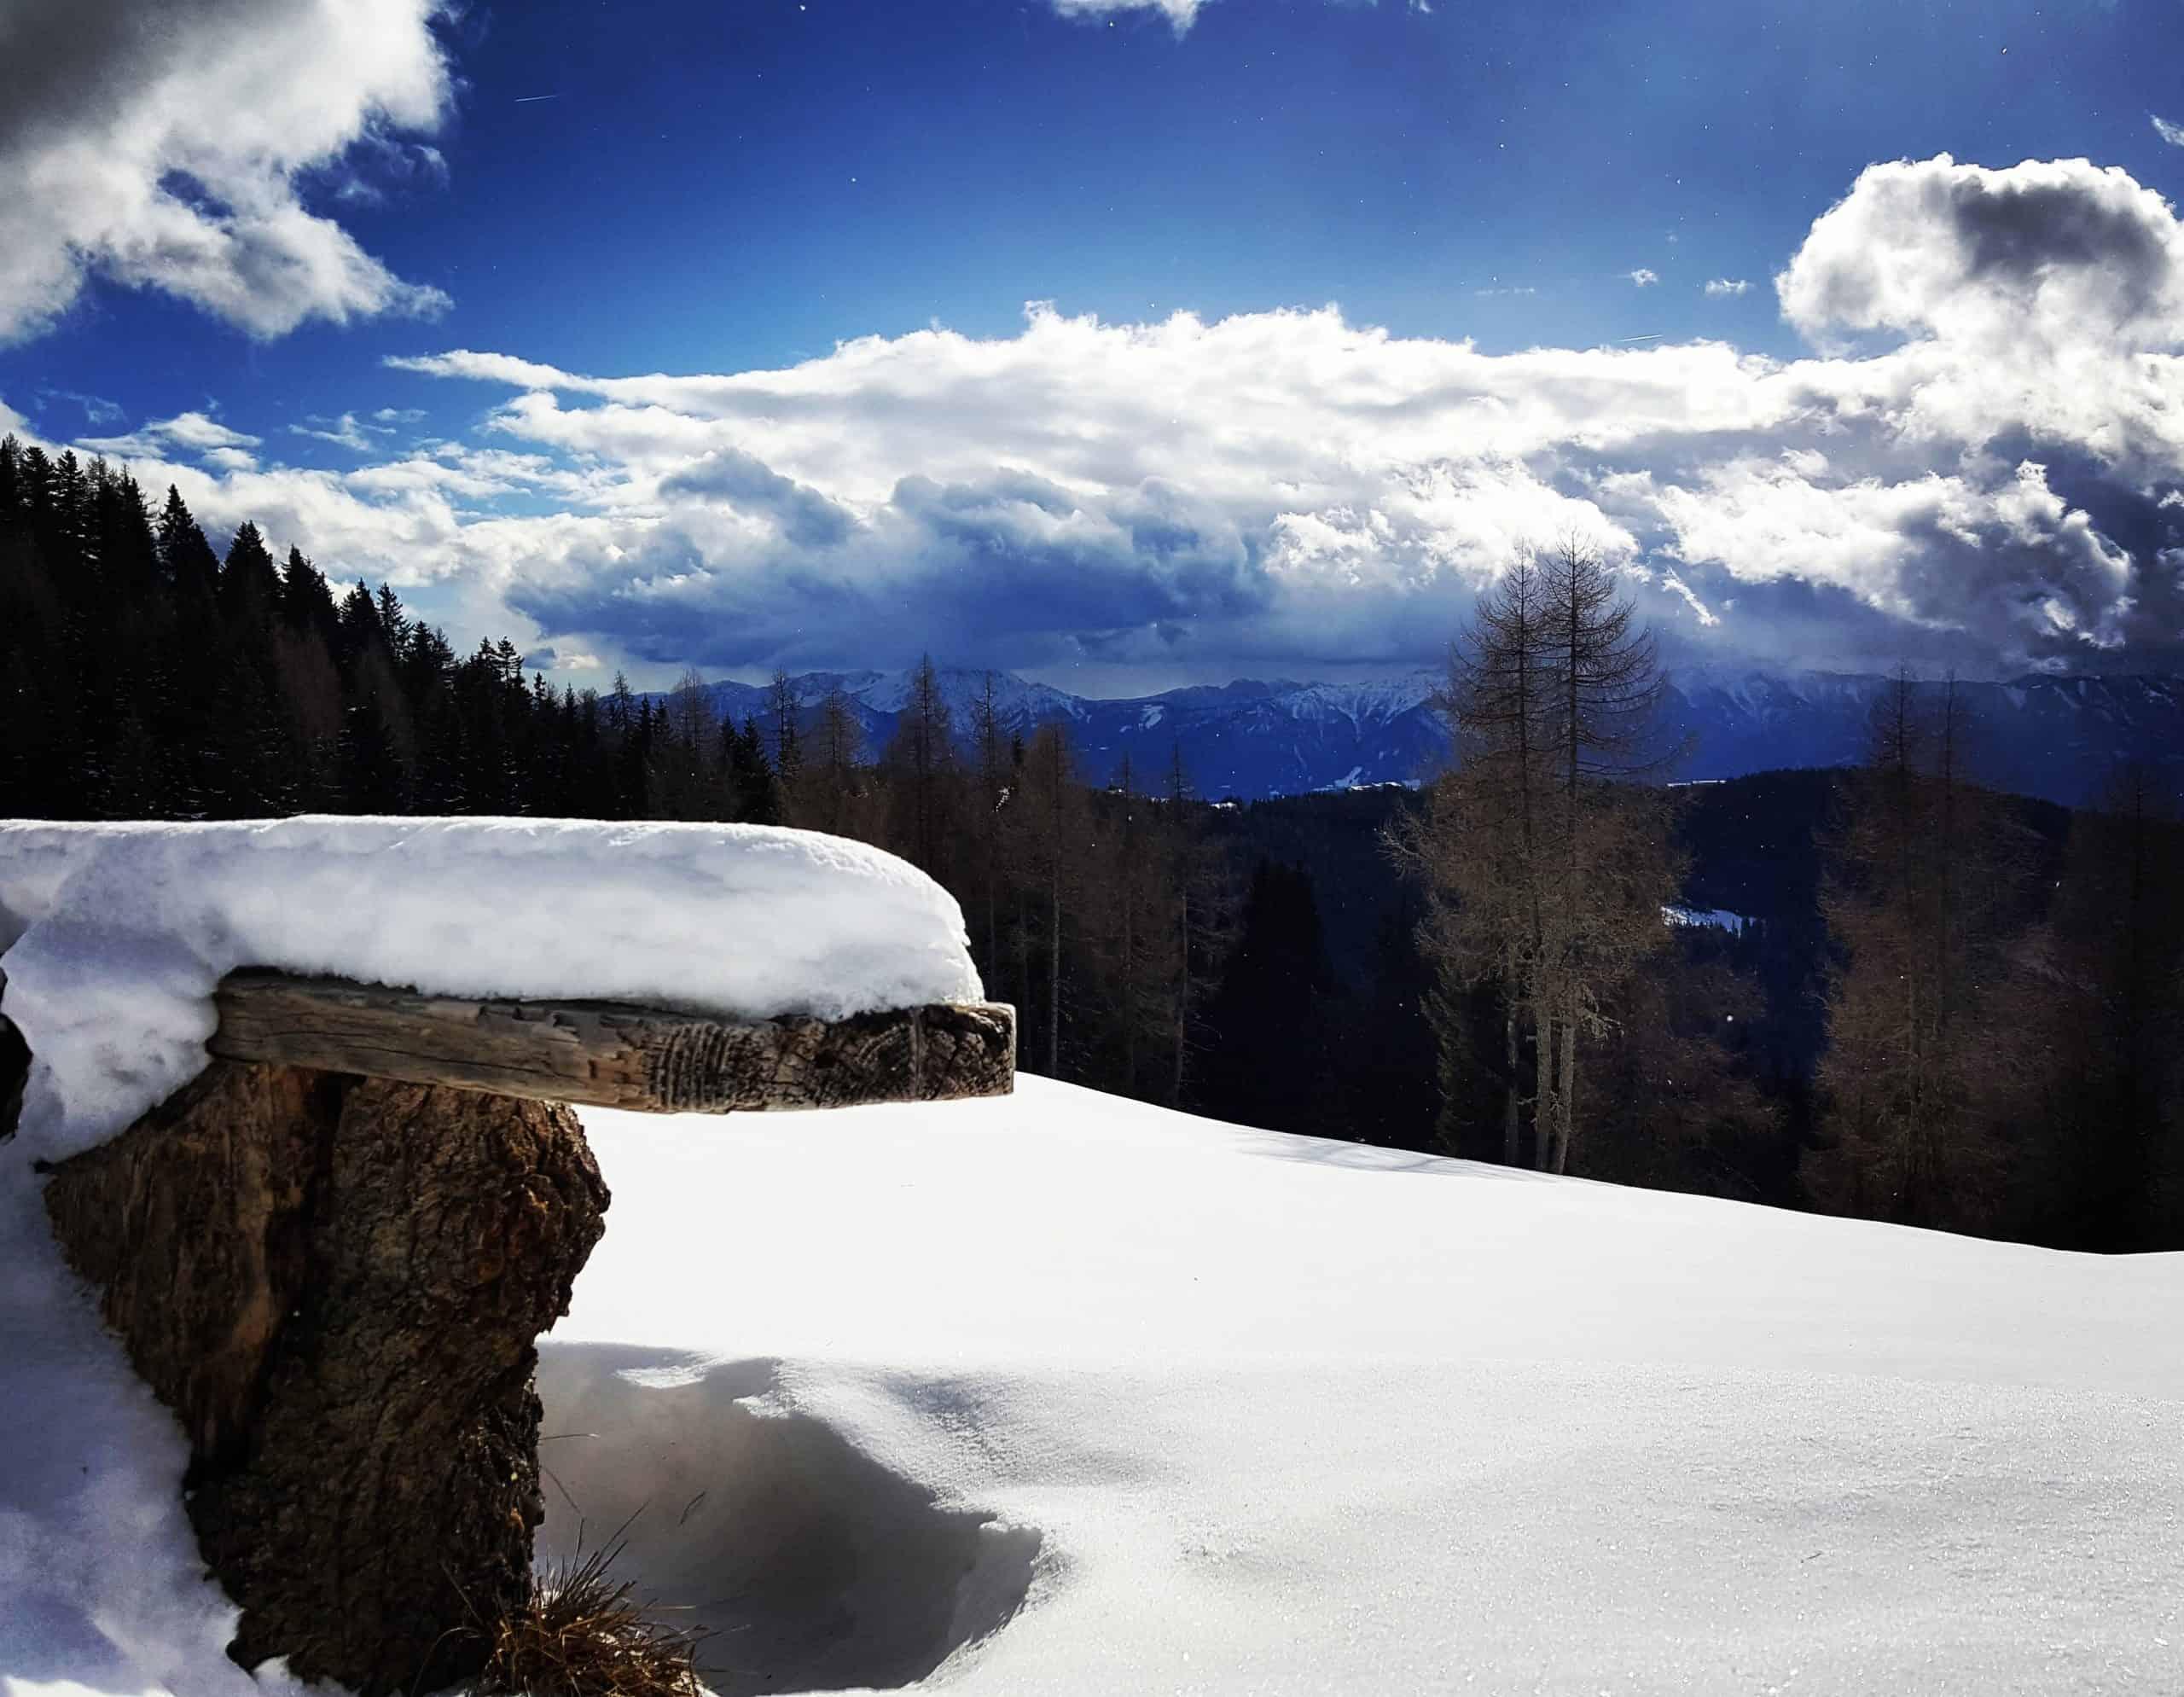 Winterwanderweg auf der Gerlitzen Alpe in Kärnten - Region Villach - Faaker See - Ossiacher See in Kärnten - Österreich